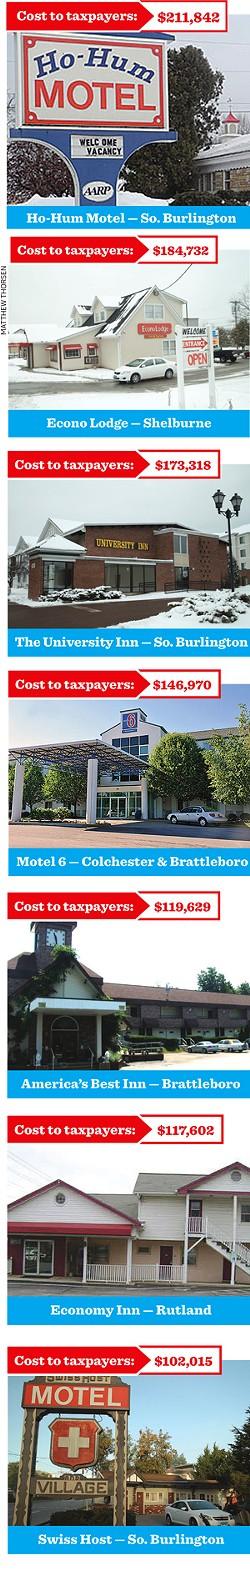 motel_spending.jpg